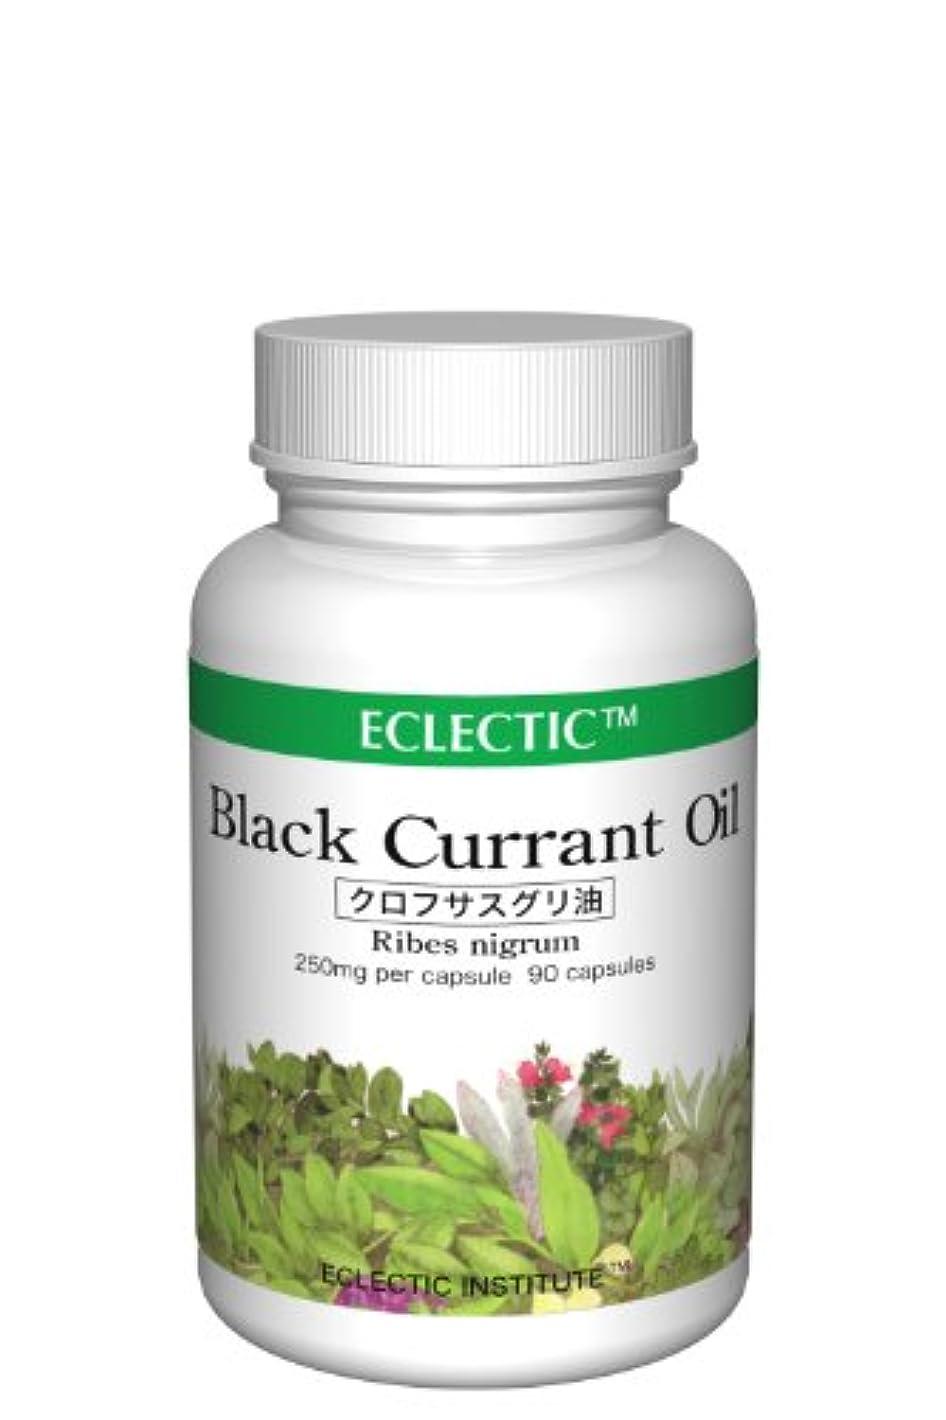 大統領満了永遠にECLECTIC エクレクティック クロフサスグリ油 Black Currant Oil オイル 250mg 90カプセル 新パッケージ